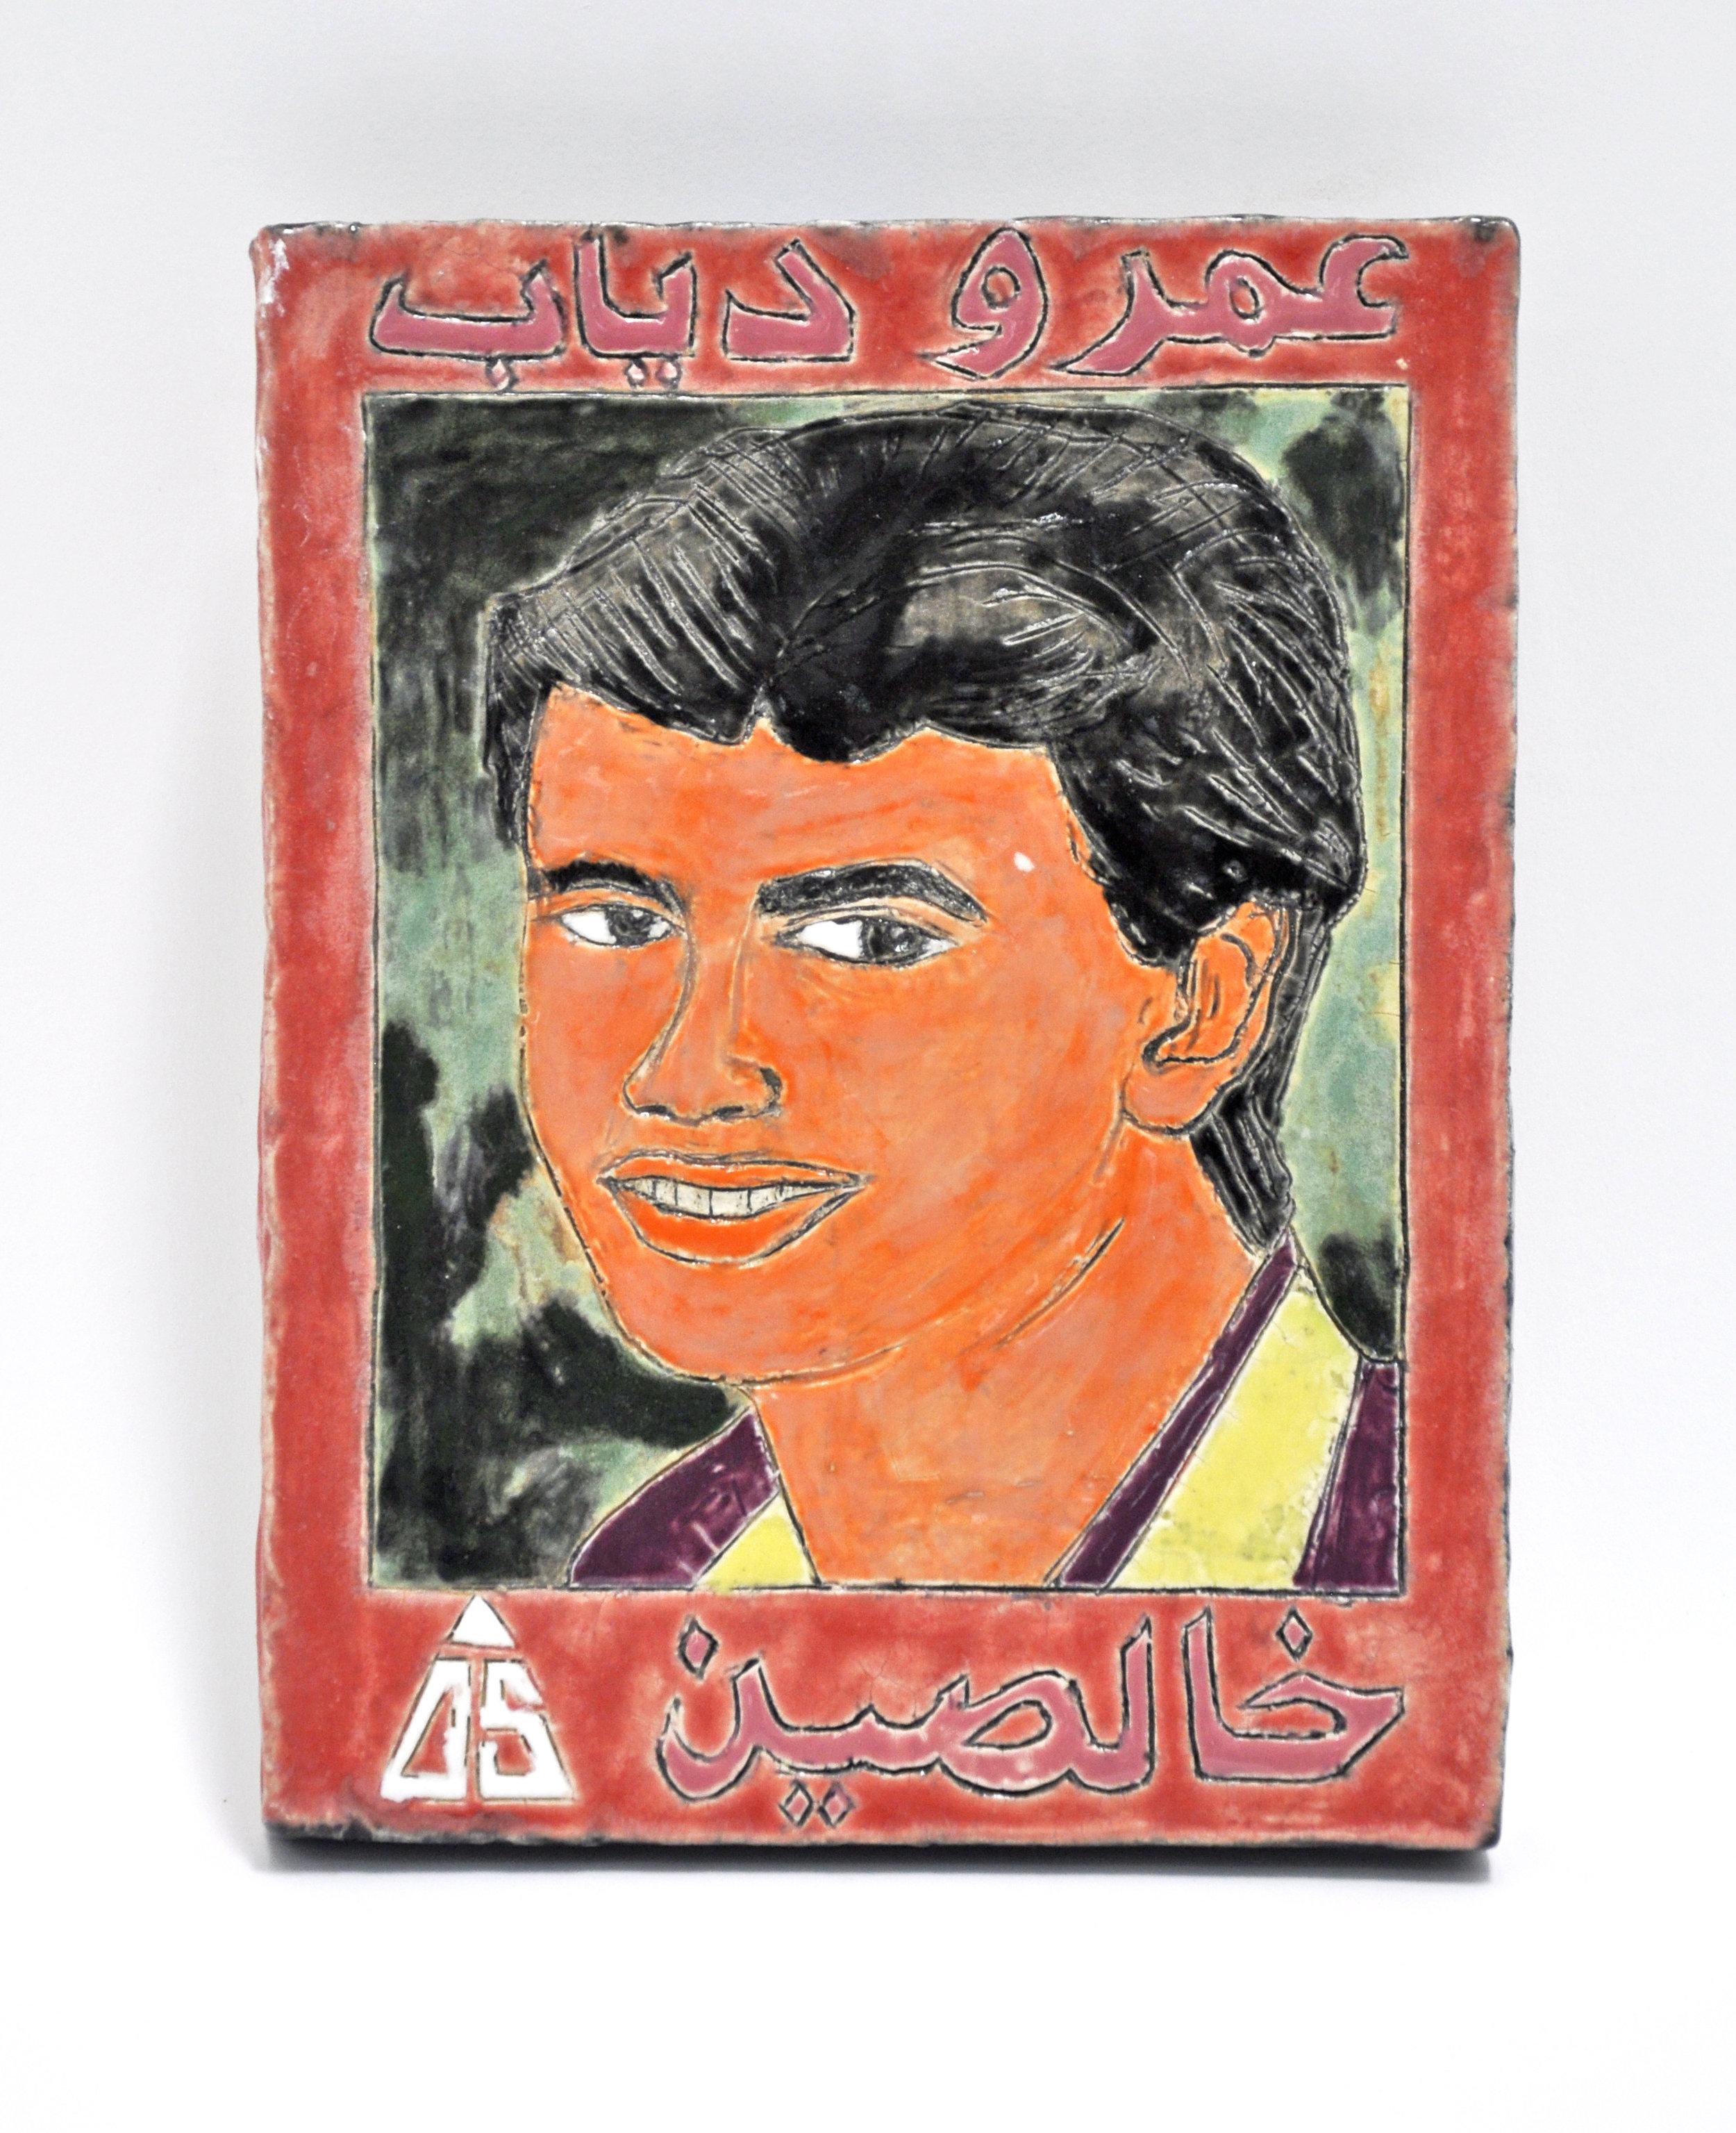 """Maryam Yousif, """"Amr Diab Tape"""", glazed stoneware, 8.5 x 1.5 x 11 in, 2019, $1000"""